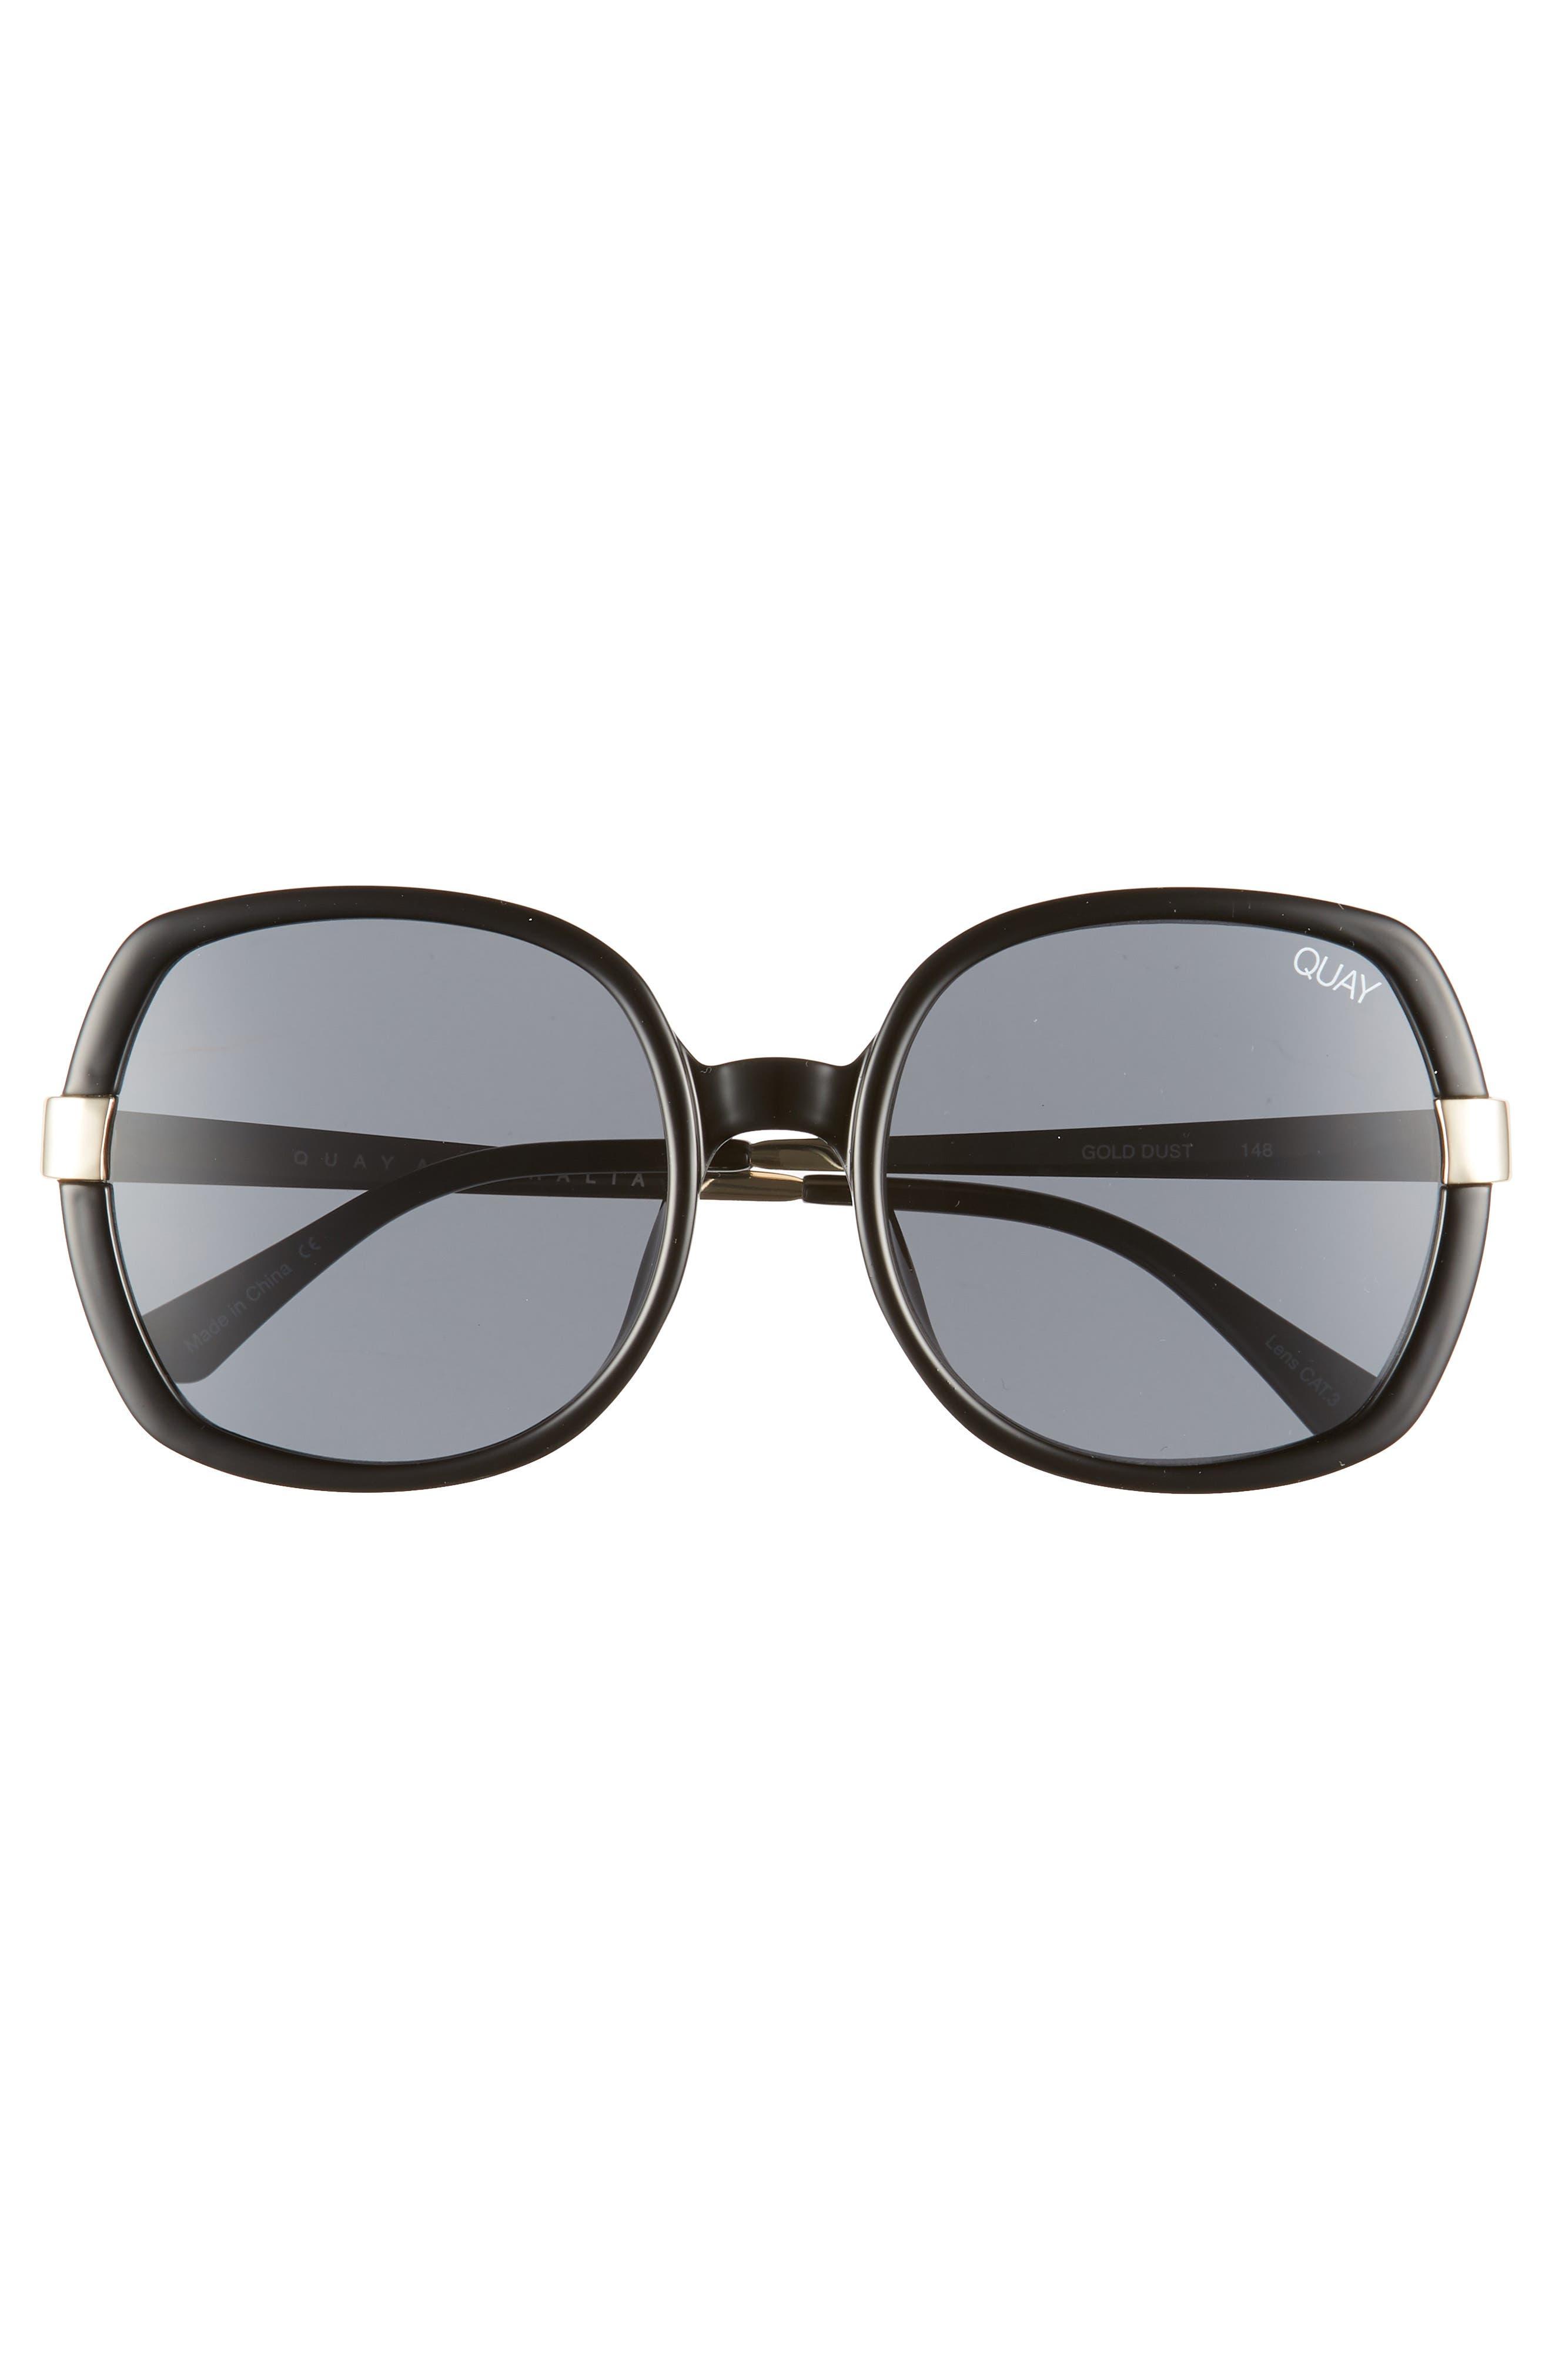 Gold Dust 55mm Square Sunglasses,                             Alternate thumbnail 3, color,                             BLACK / SMOKE